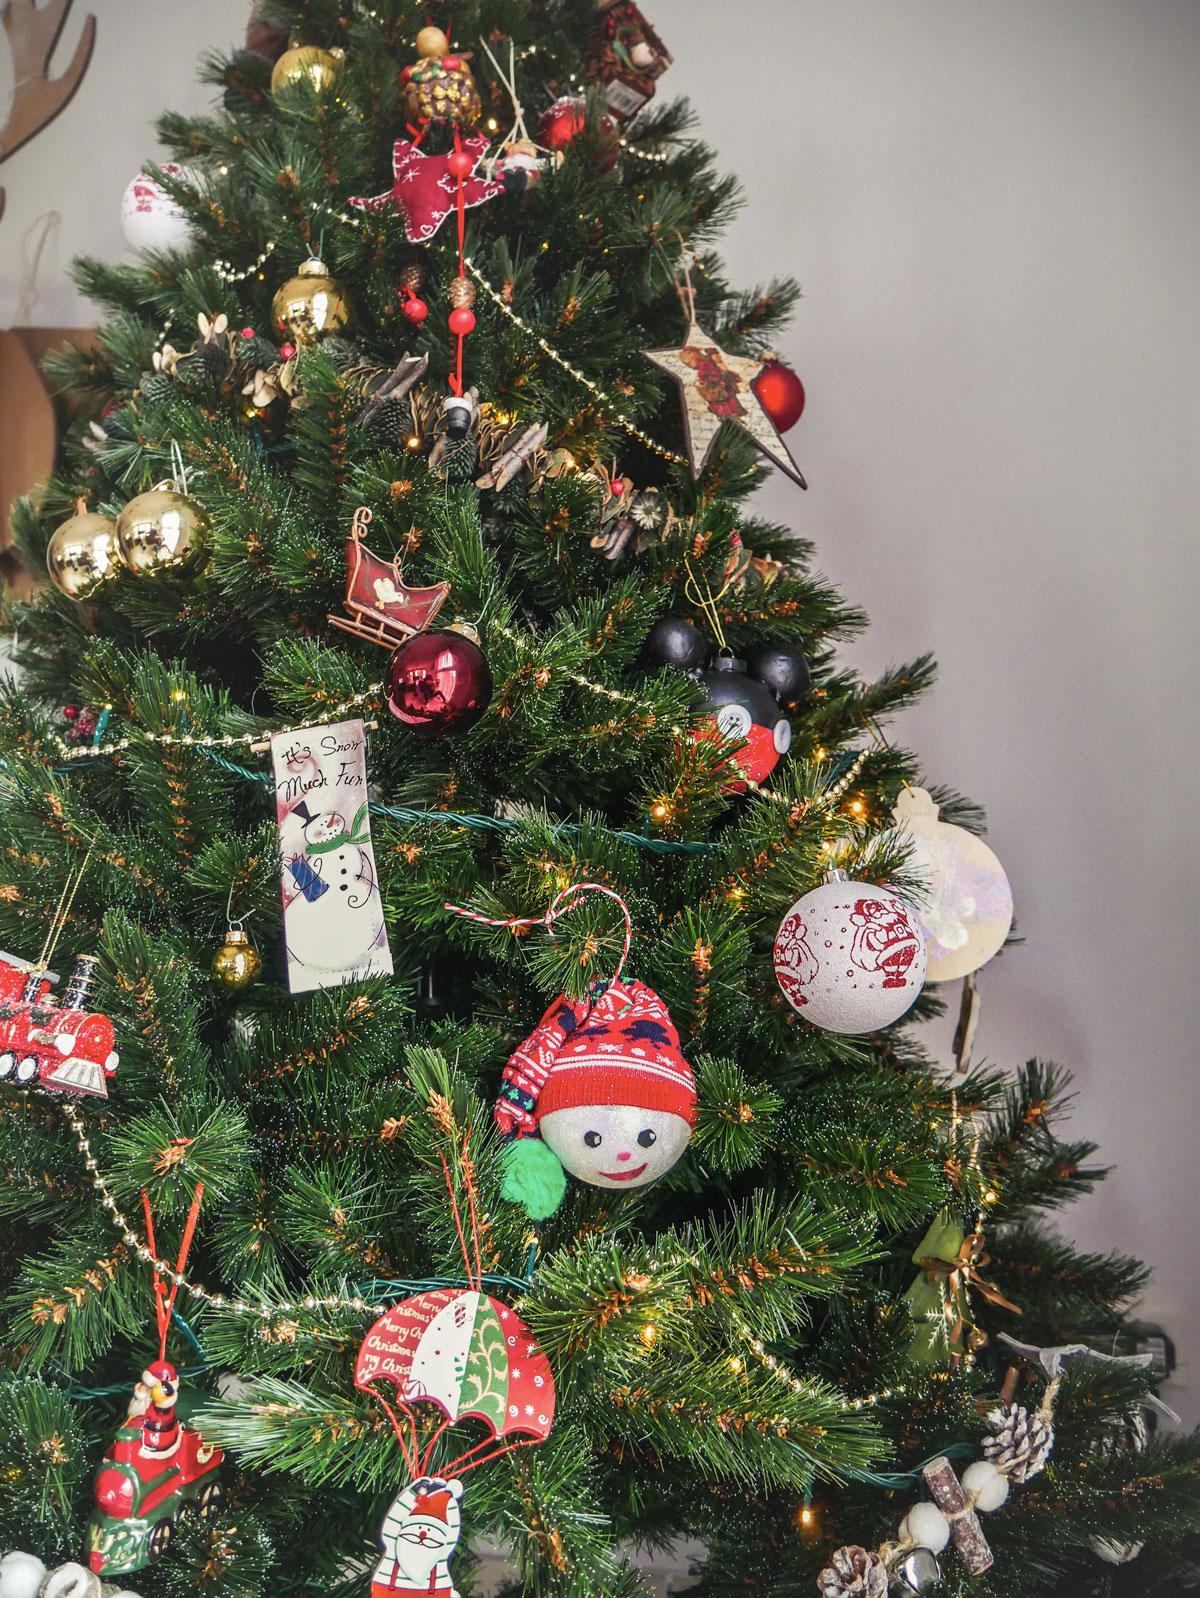 Décorations de Noël pour le sapin fait main à partir de boules transparentes